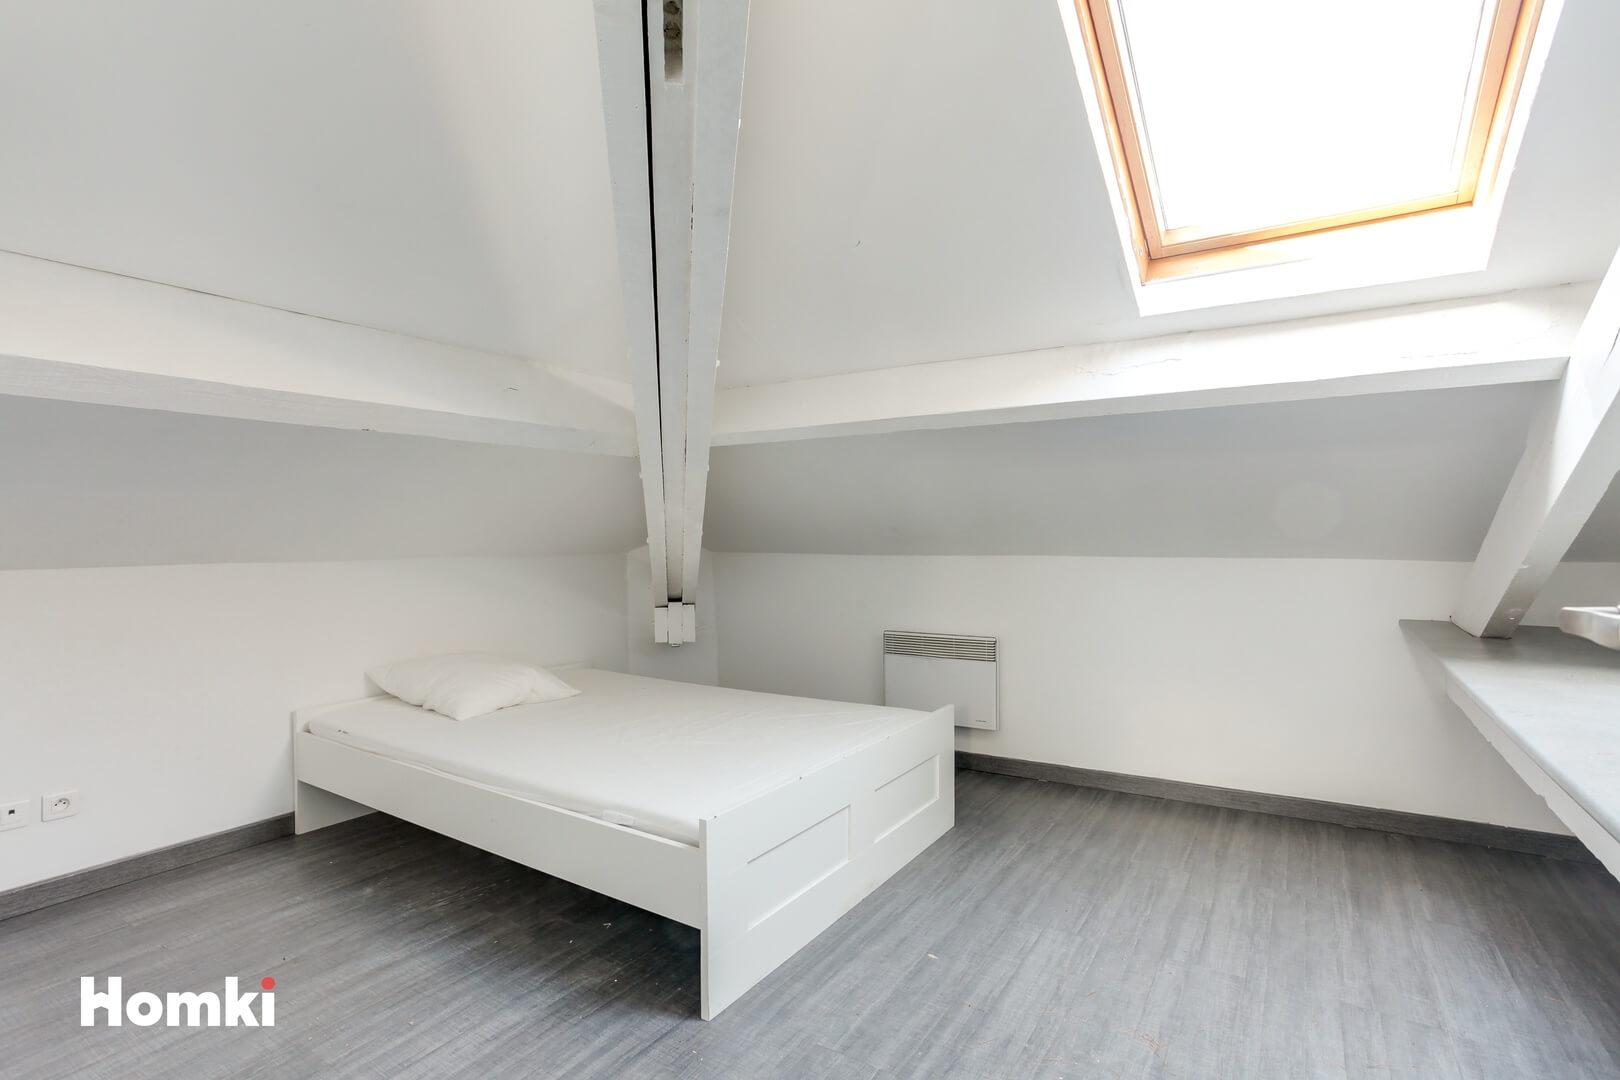 Homki - Vente Maison/villa  de 113.0 m² à Marseille 13013